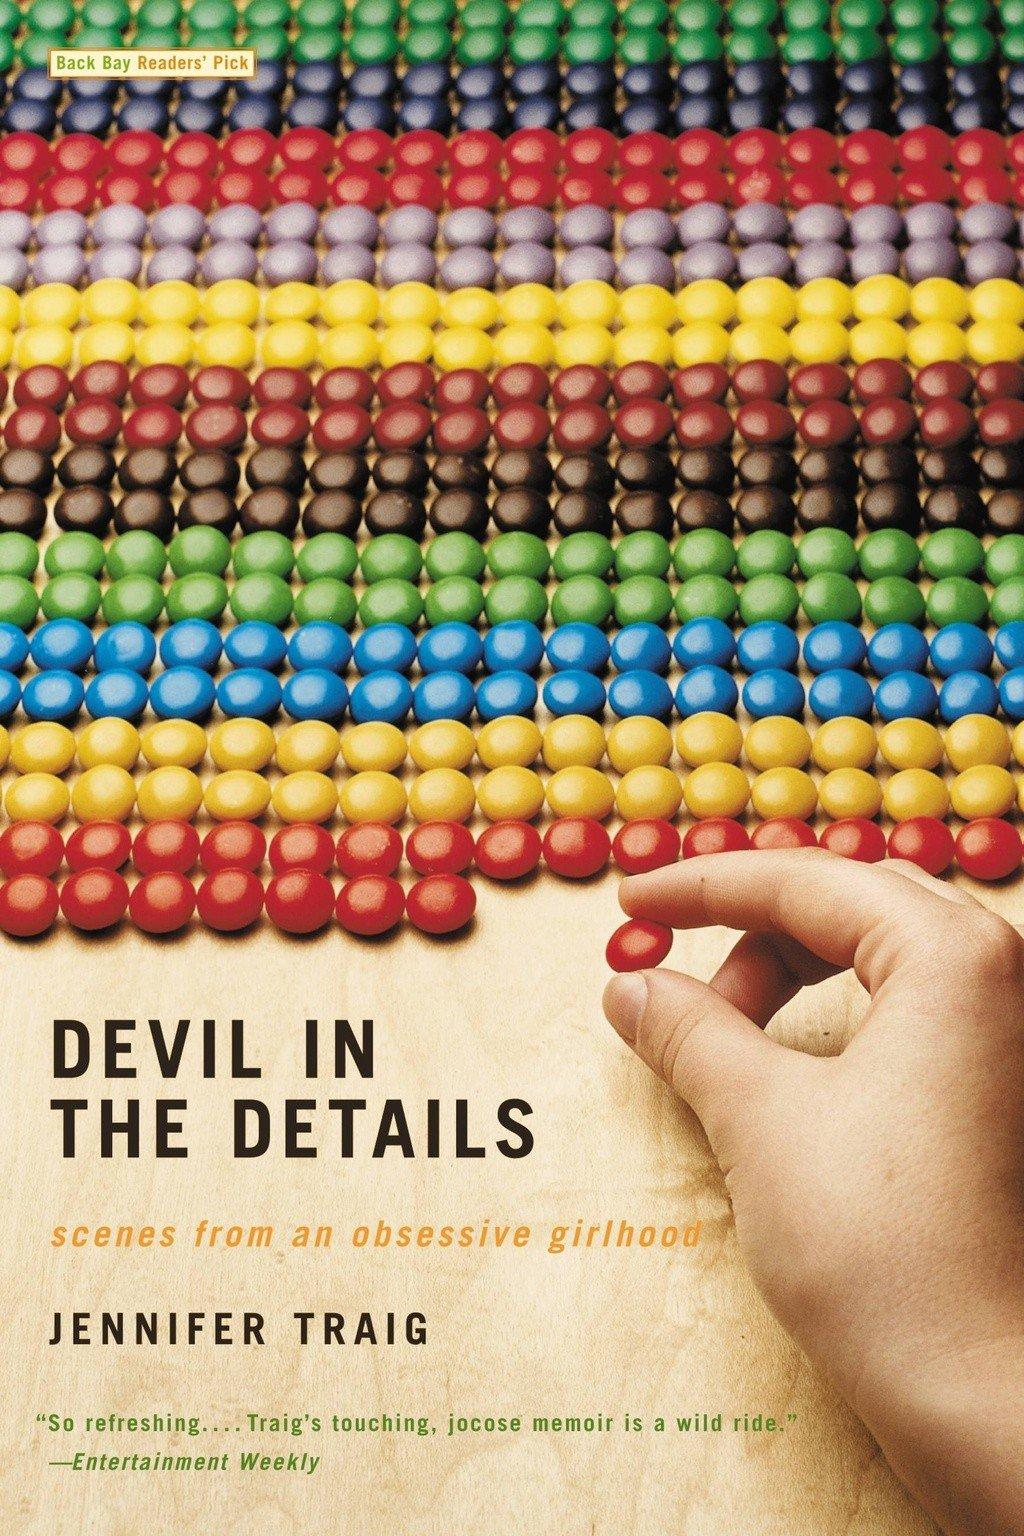 devilinthedetails-1136x1704